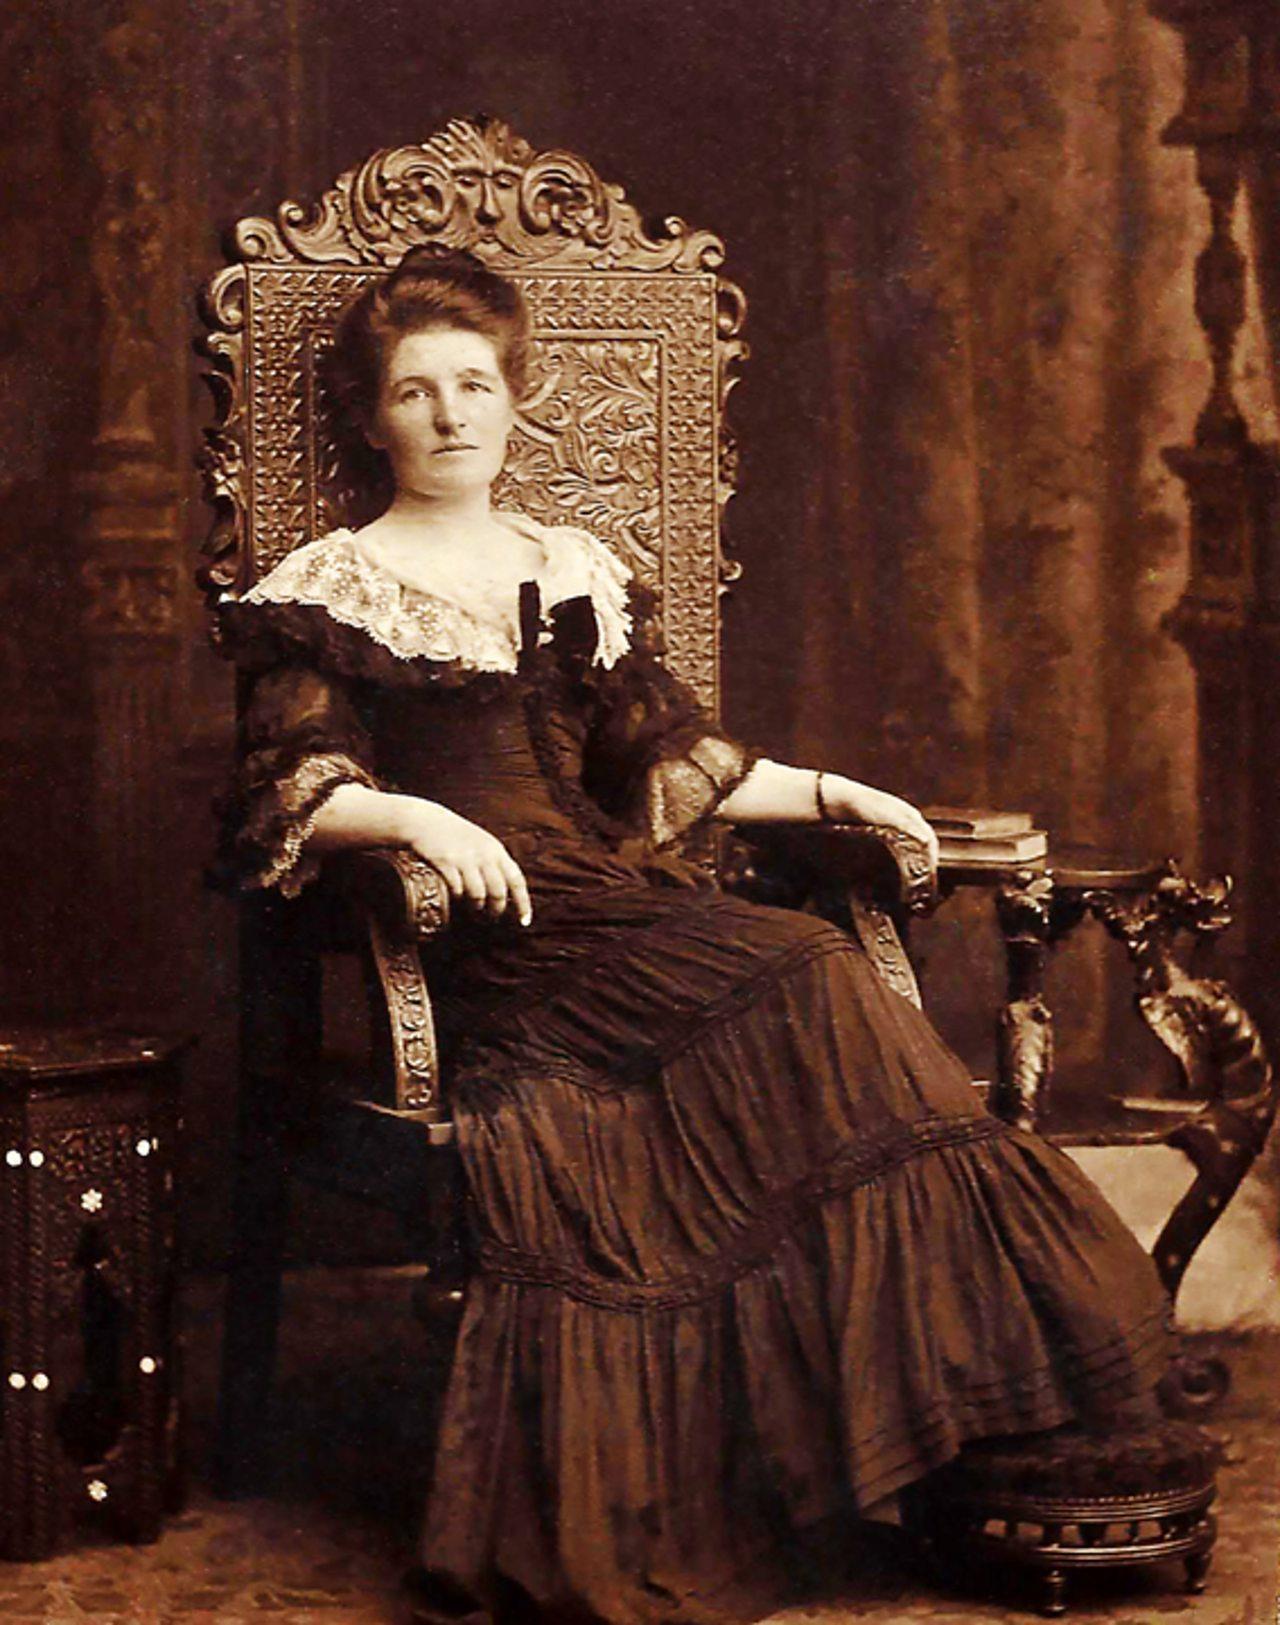 Dr Elizabeth Gould Bell